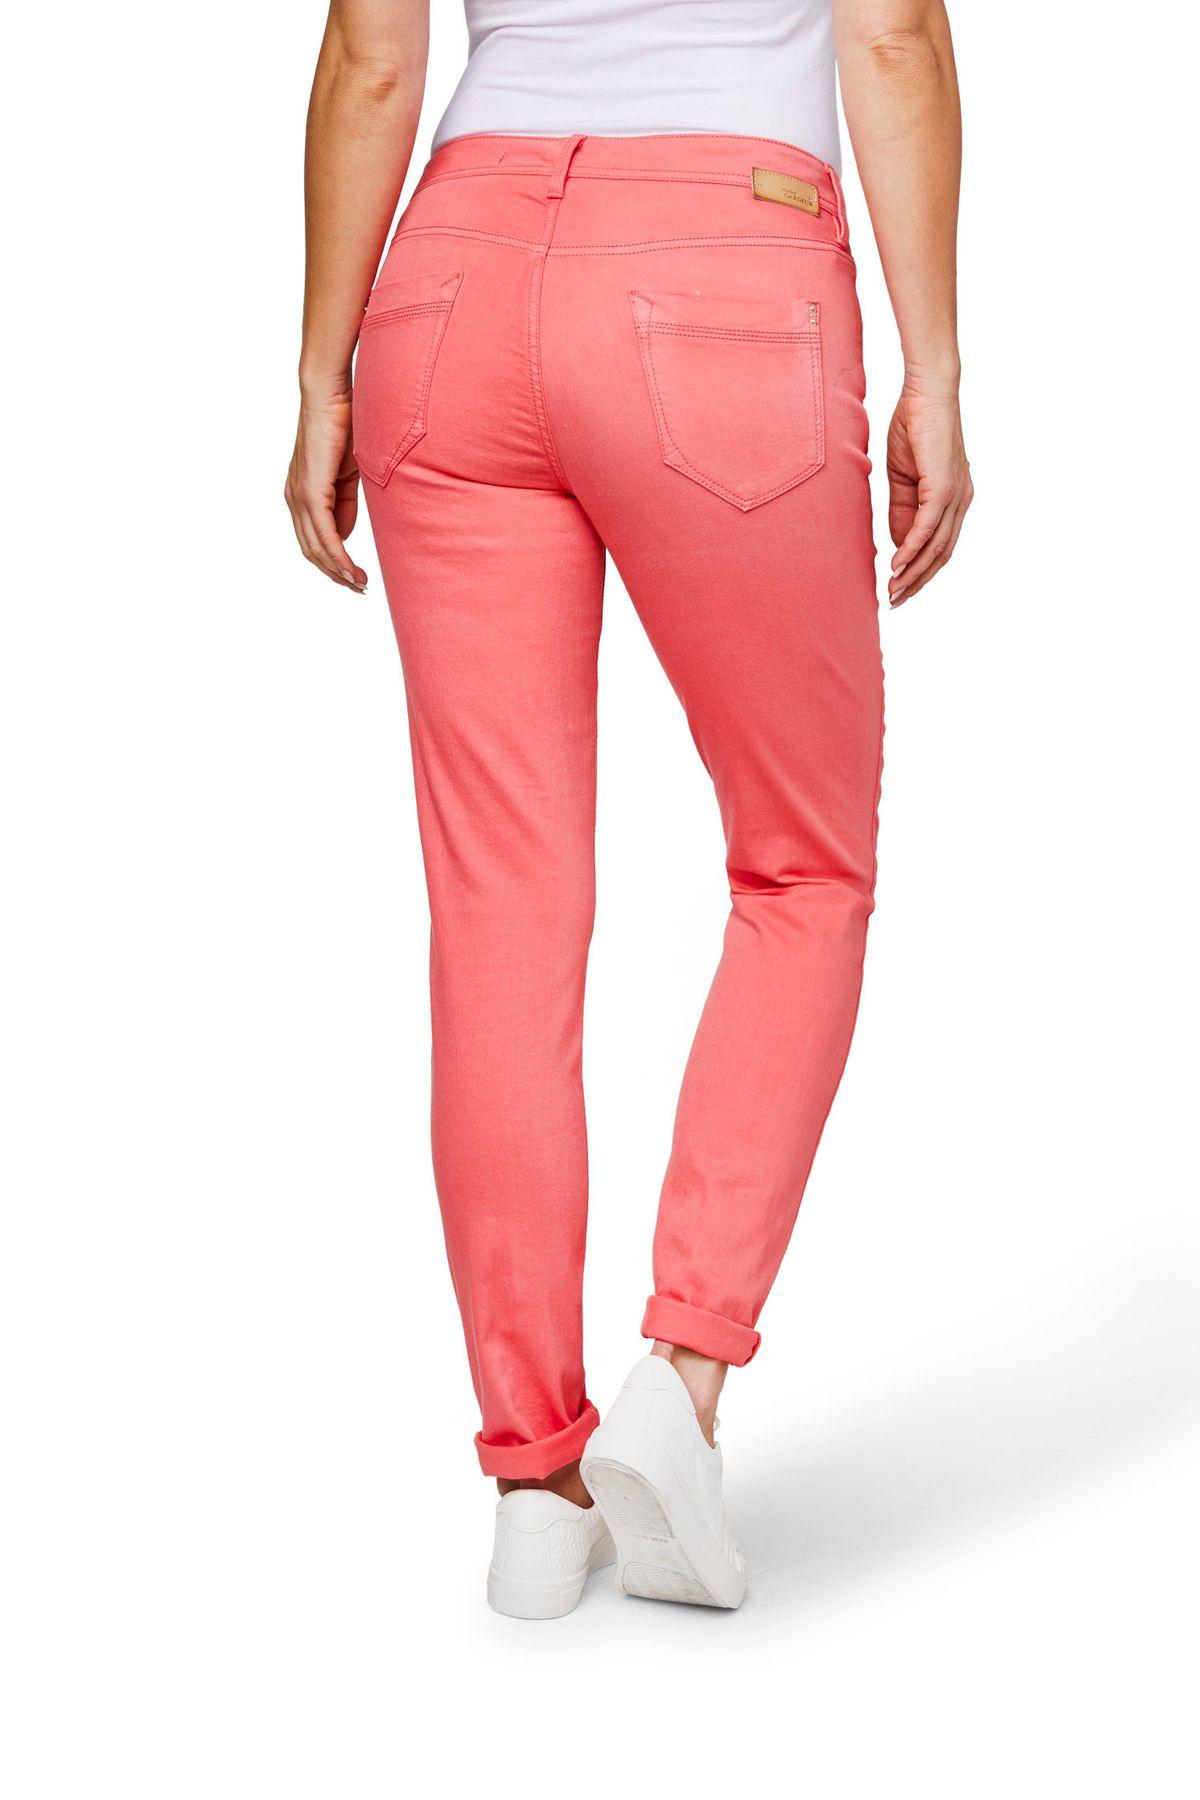 Atelier Gardeur - Slim Fit - Damen 5-Pocket Jeans, Zuri108 (080421) – Bild 10